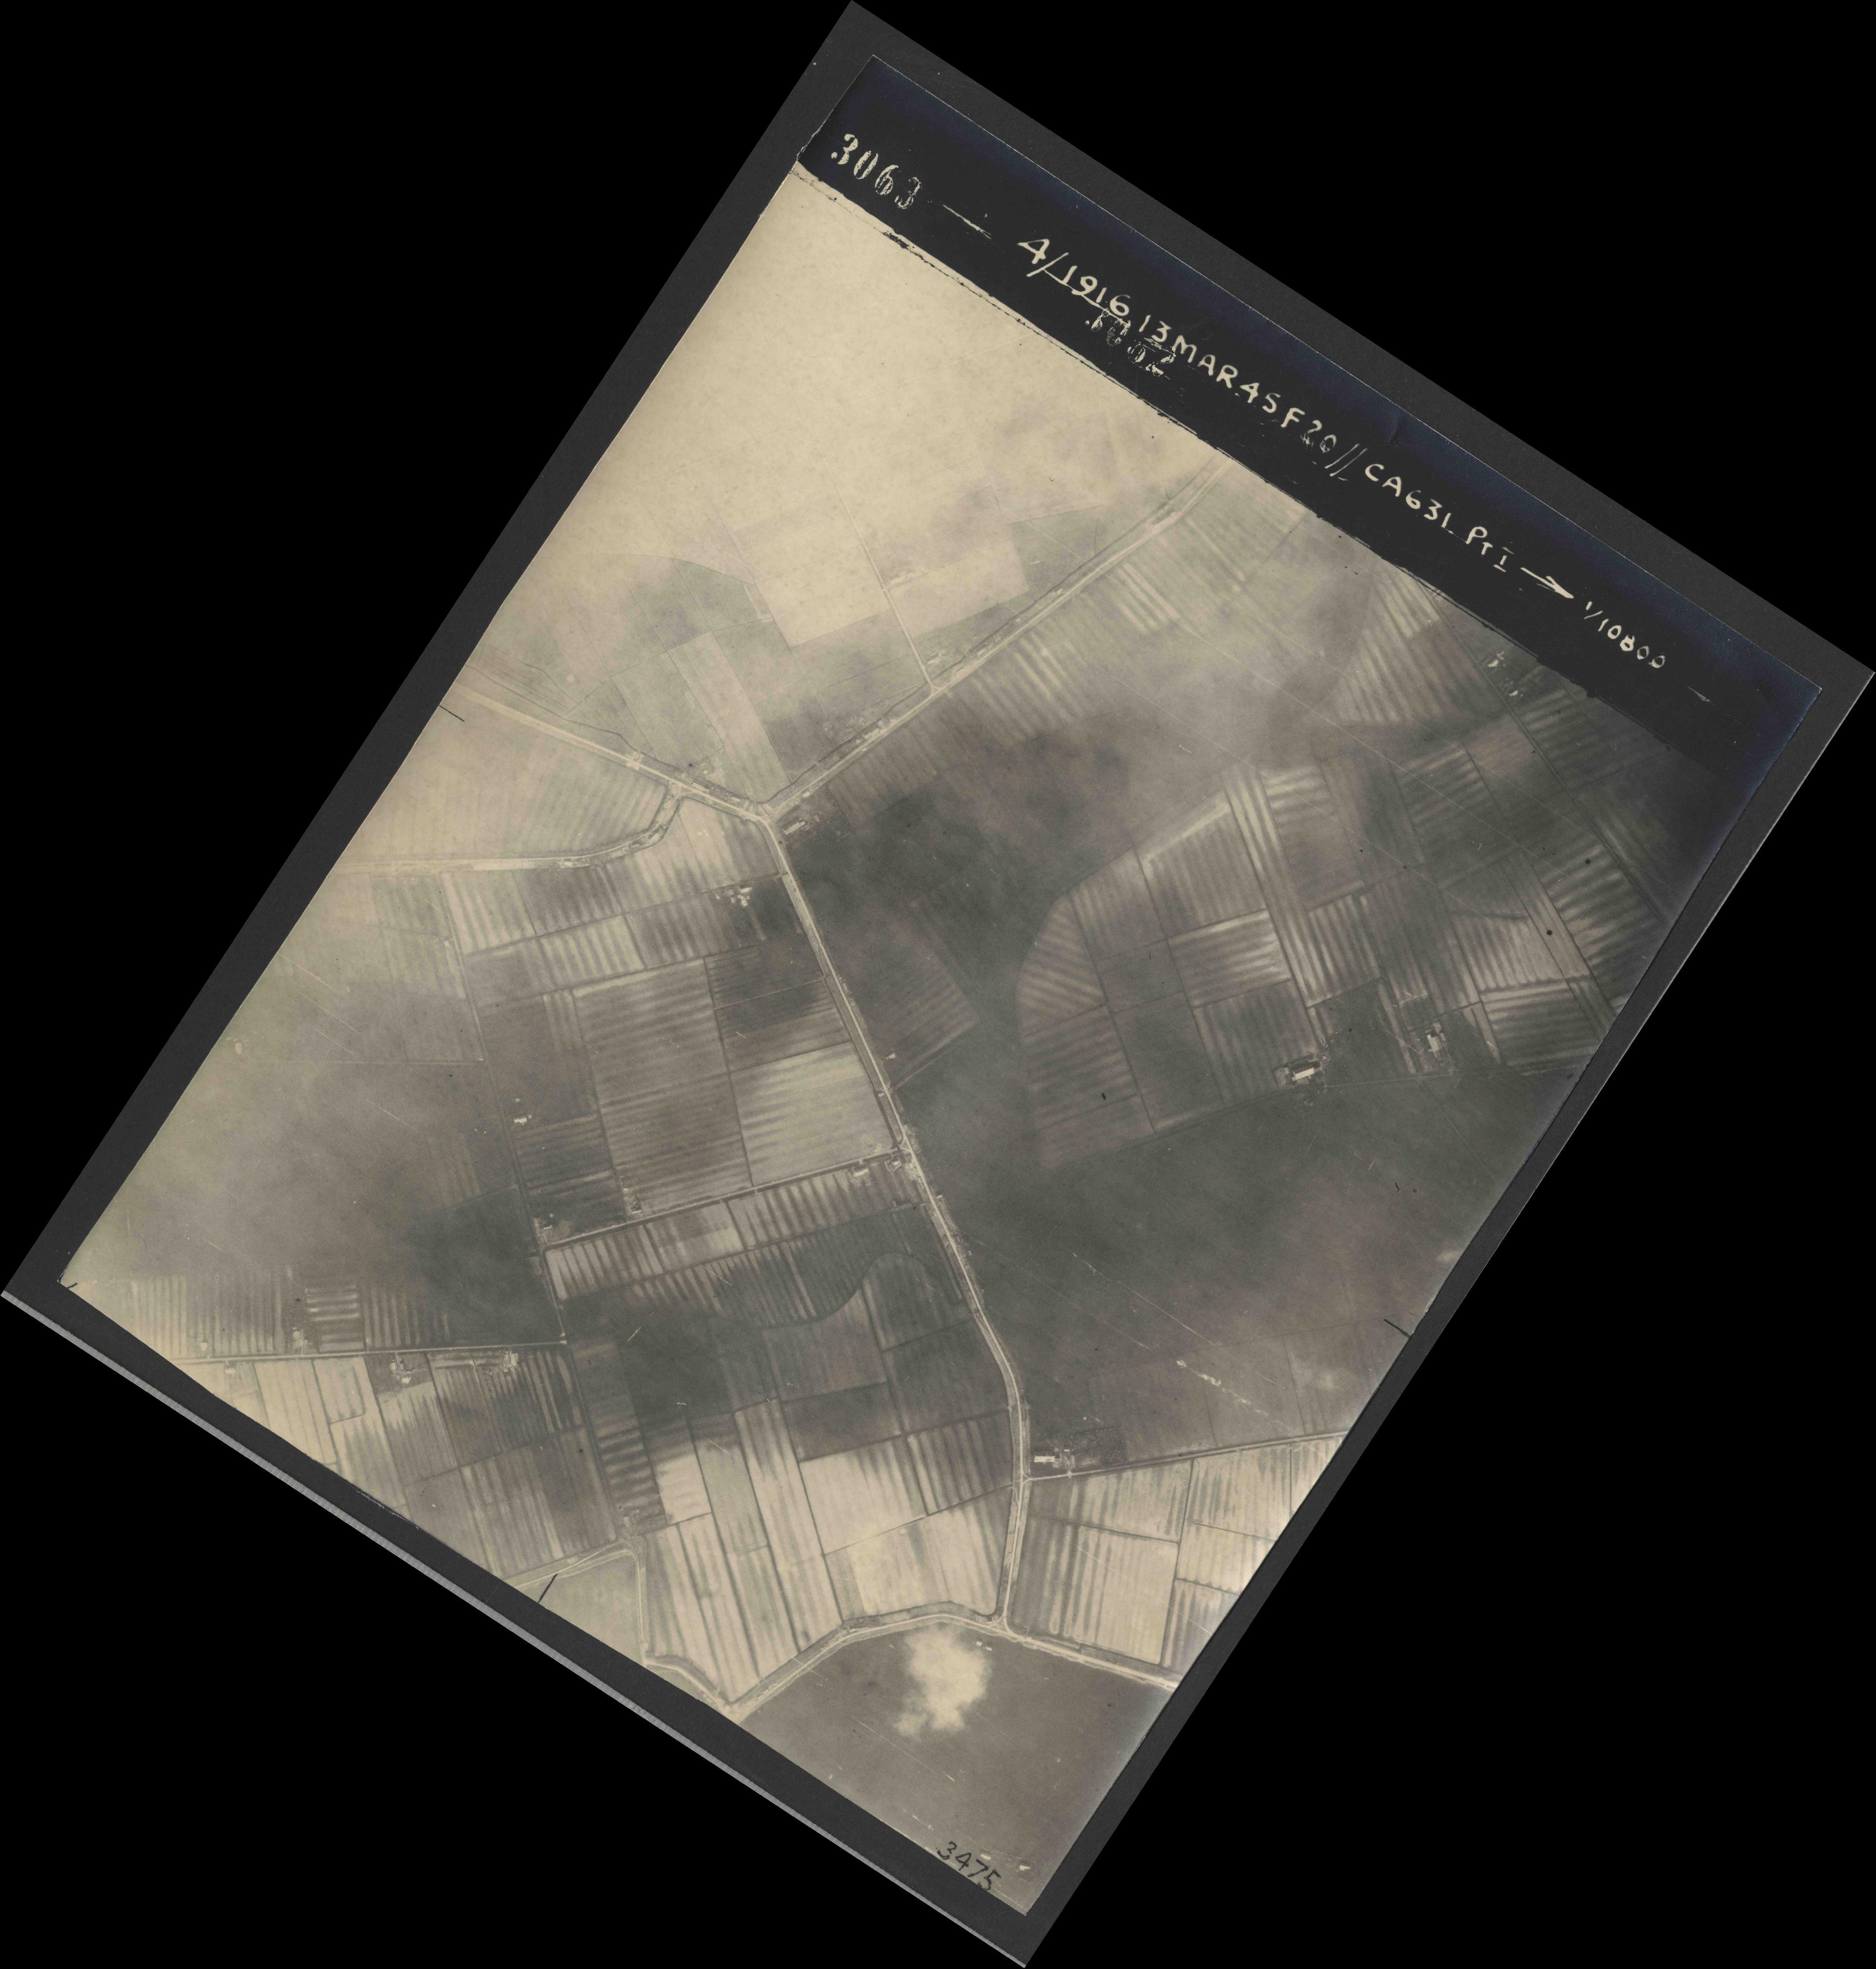 Collection RAF aerial photos 1940-1945 - flight 085, run 01, photo 3063